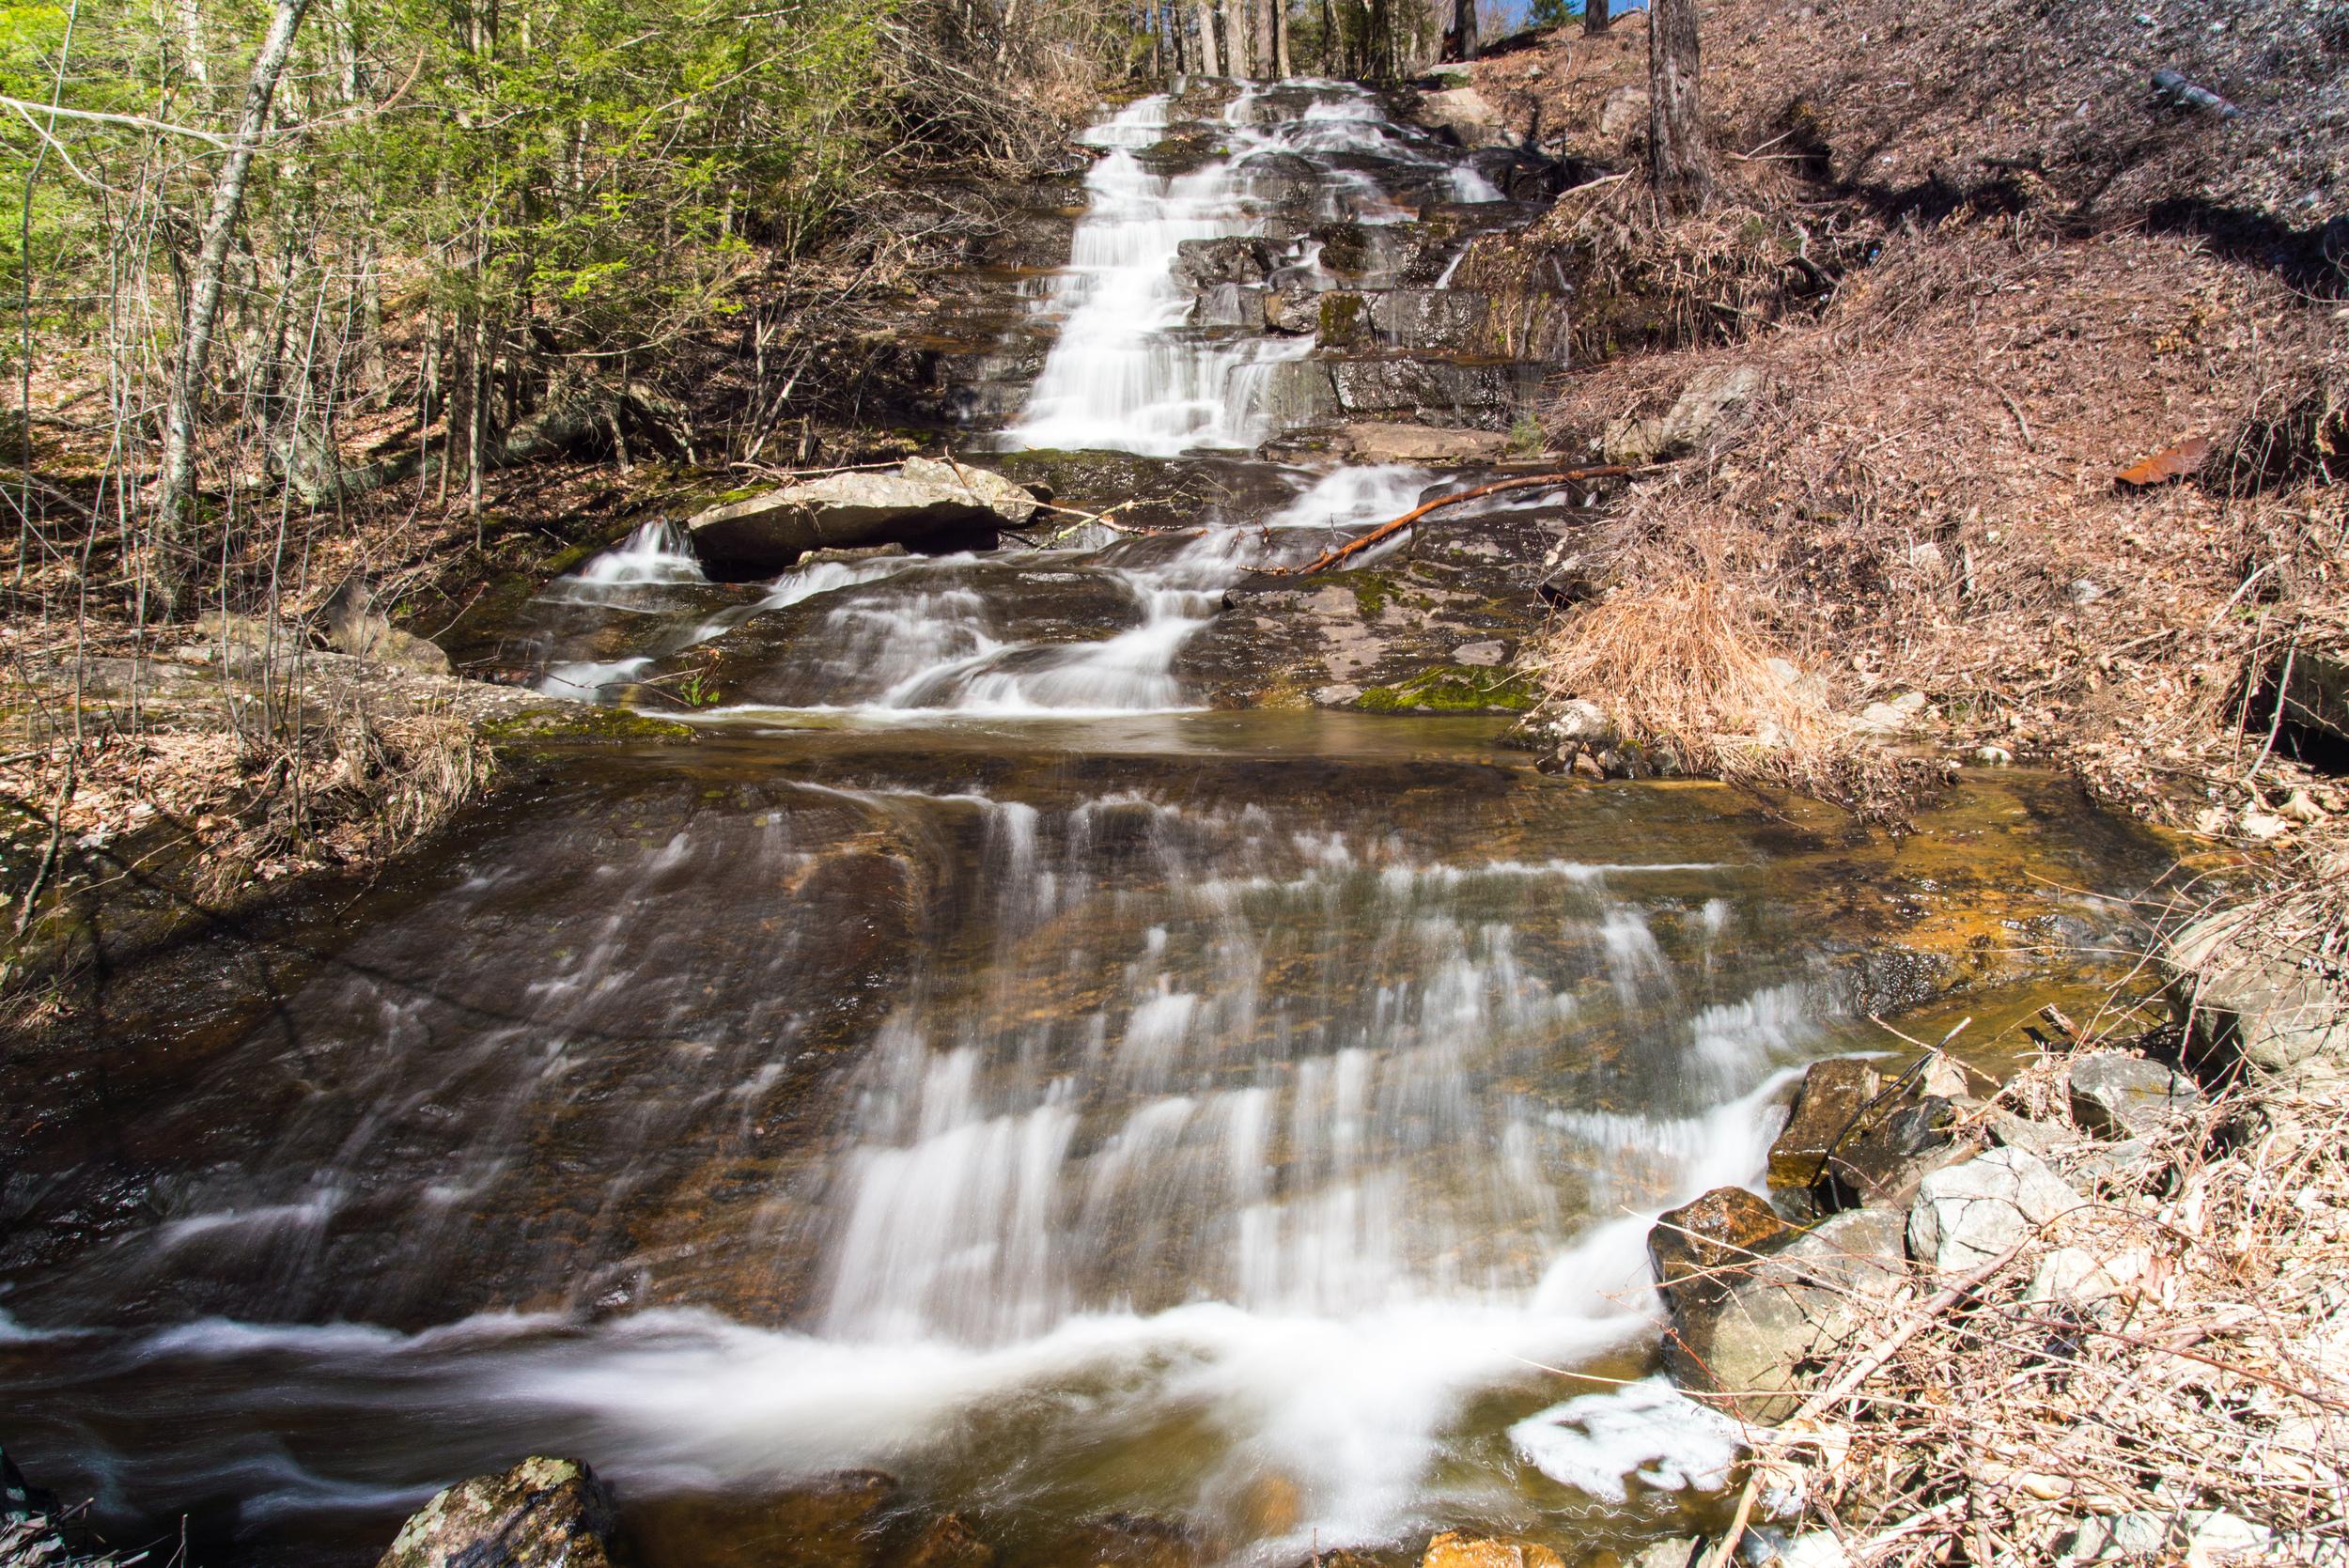 Burr Falls